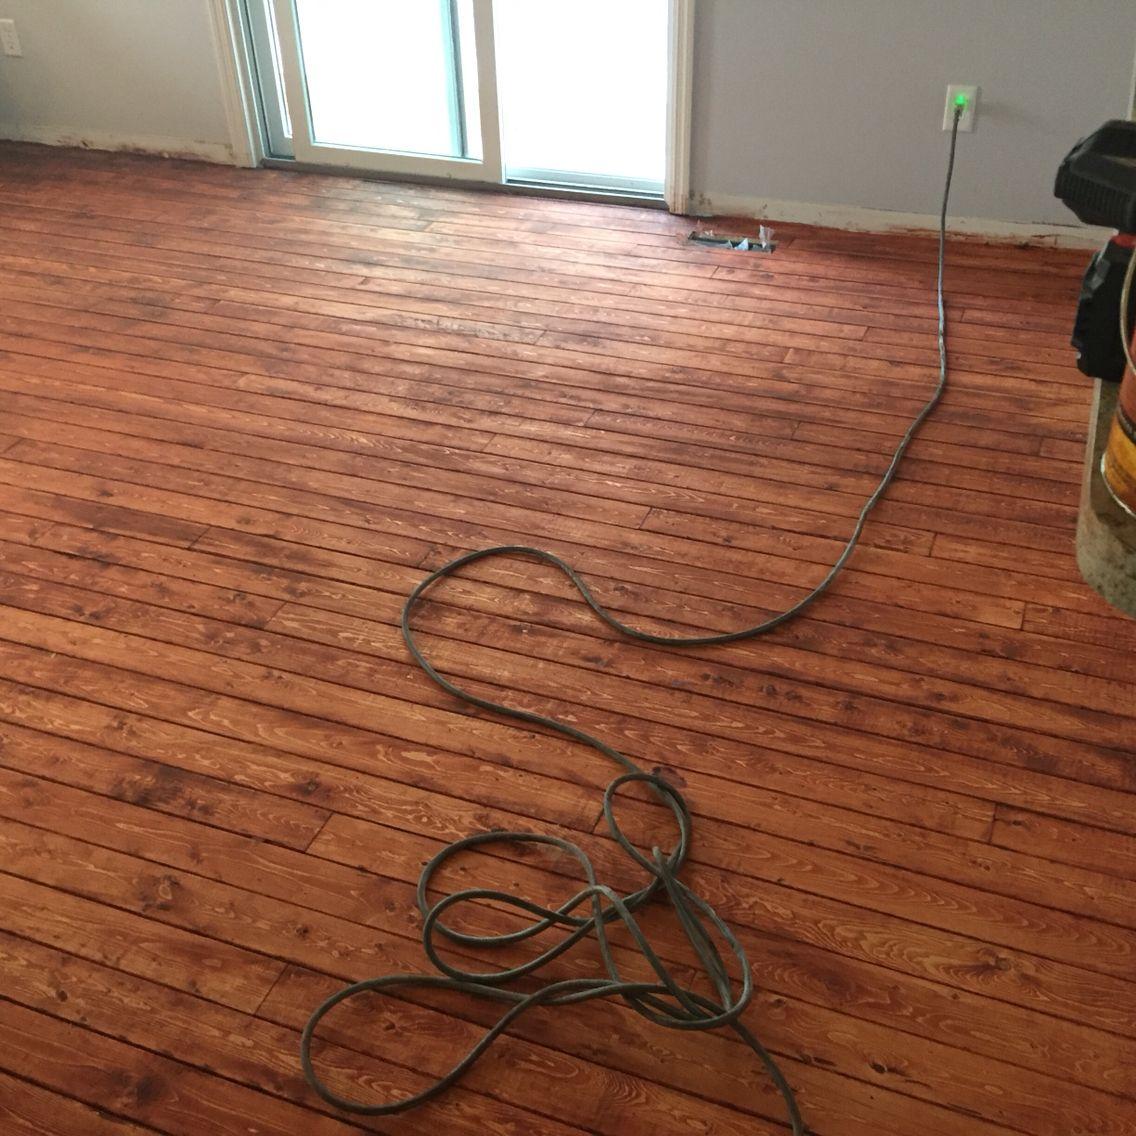 Pine Furring Strip Floors Updating House Diy Flooring Strip Floors